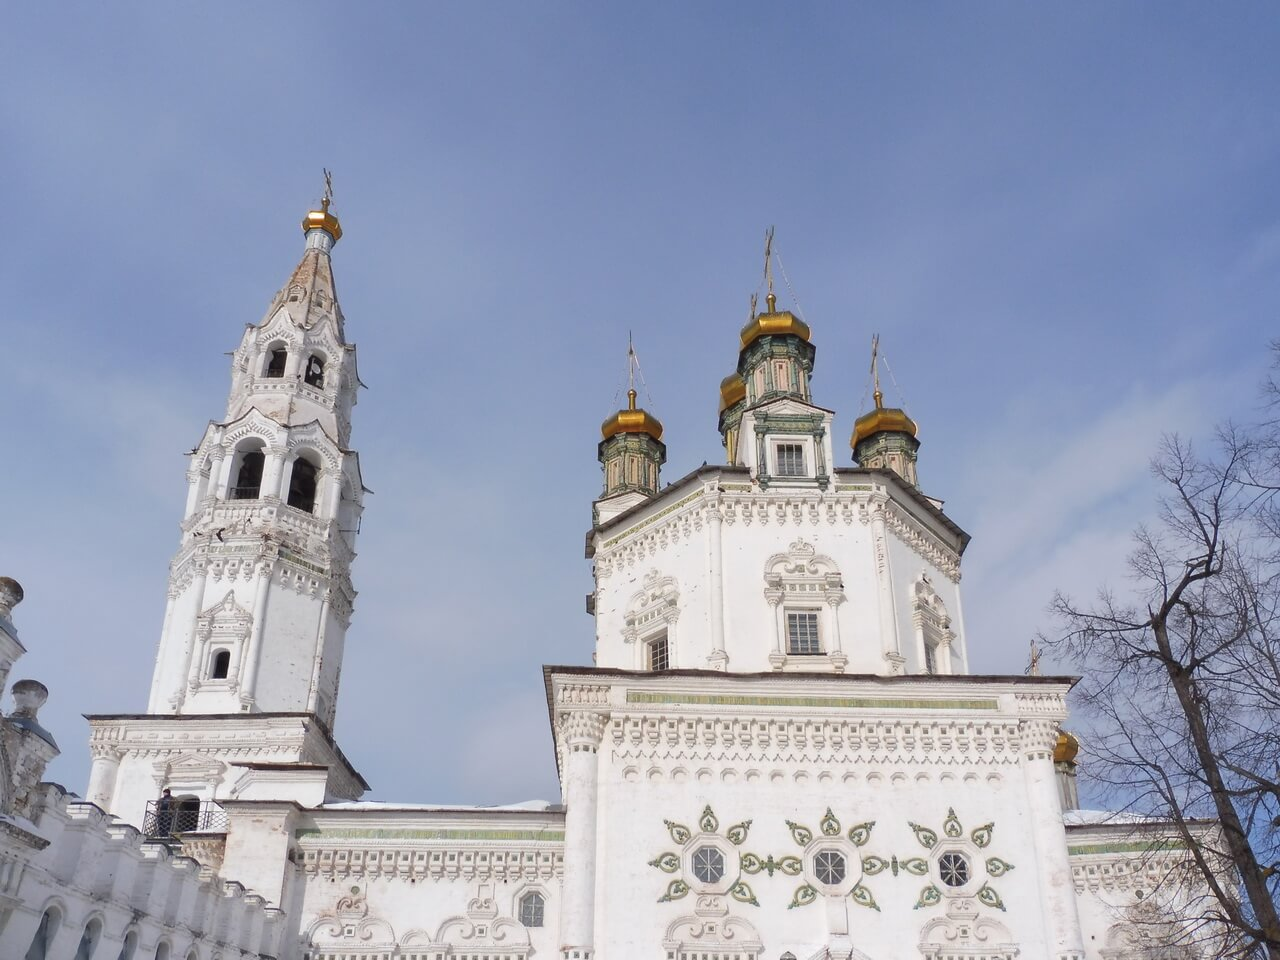 Троицкий собор, Верхотурье, Меркушино, храмы Свердловской области